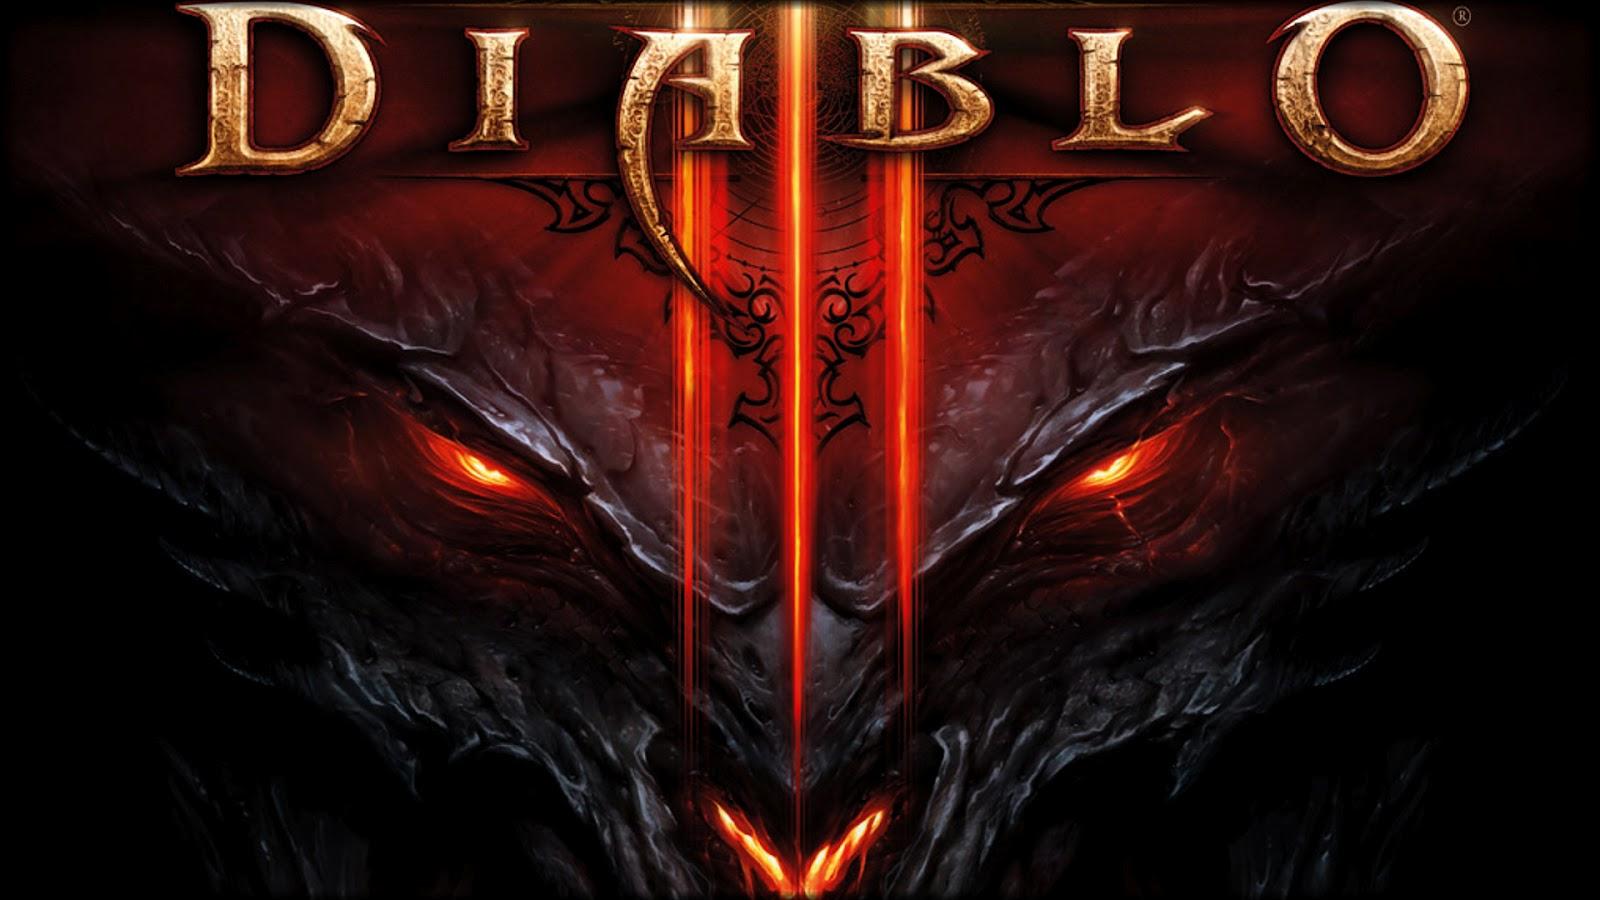 Diablo 3 Blizzard Entertainment Wallpapers de Juegos HD 1600x900